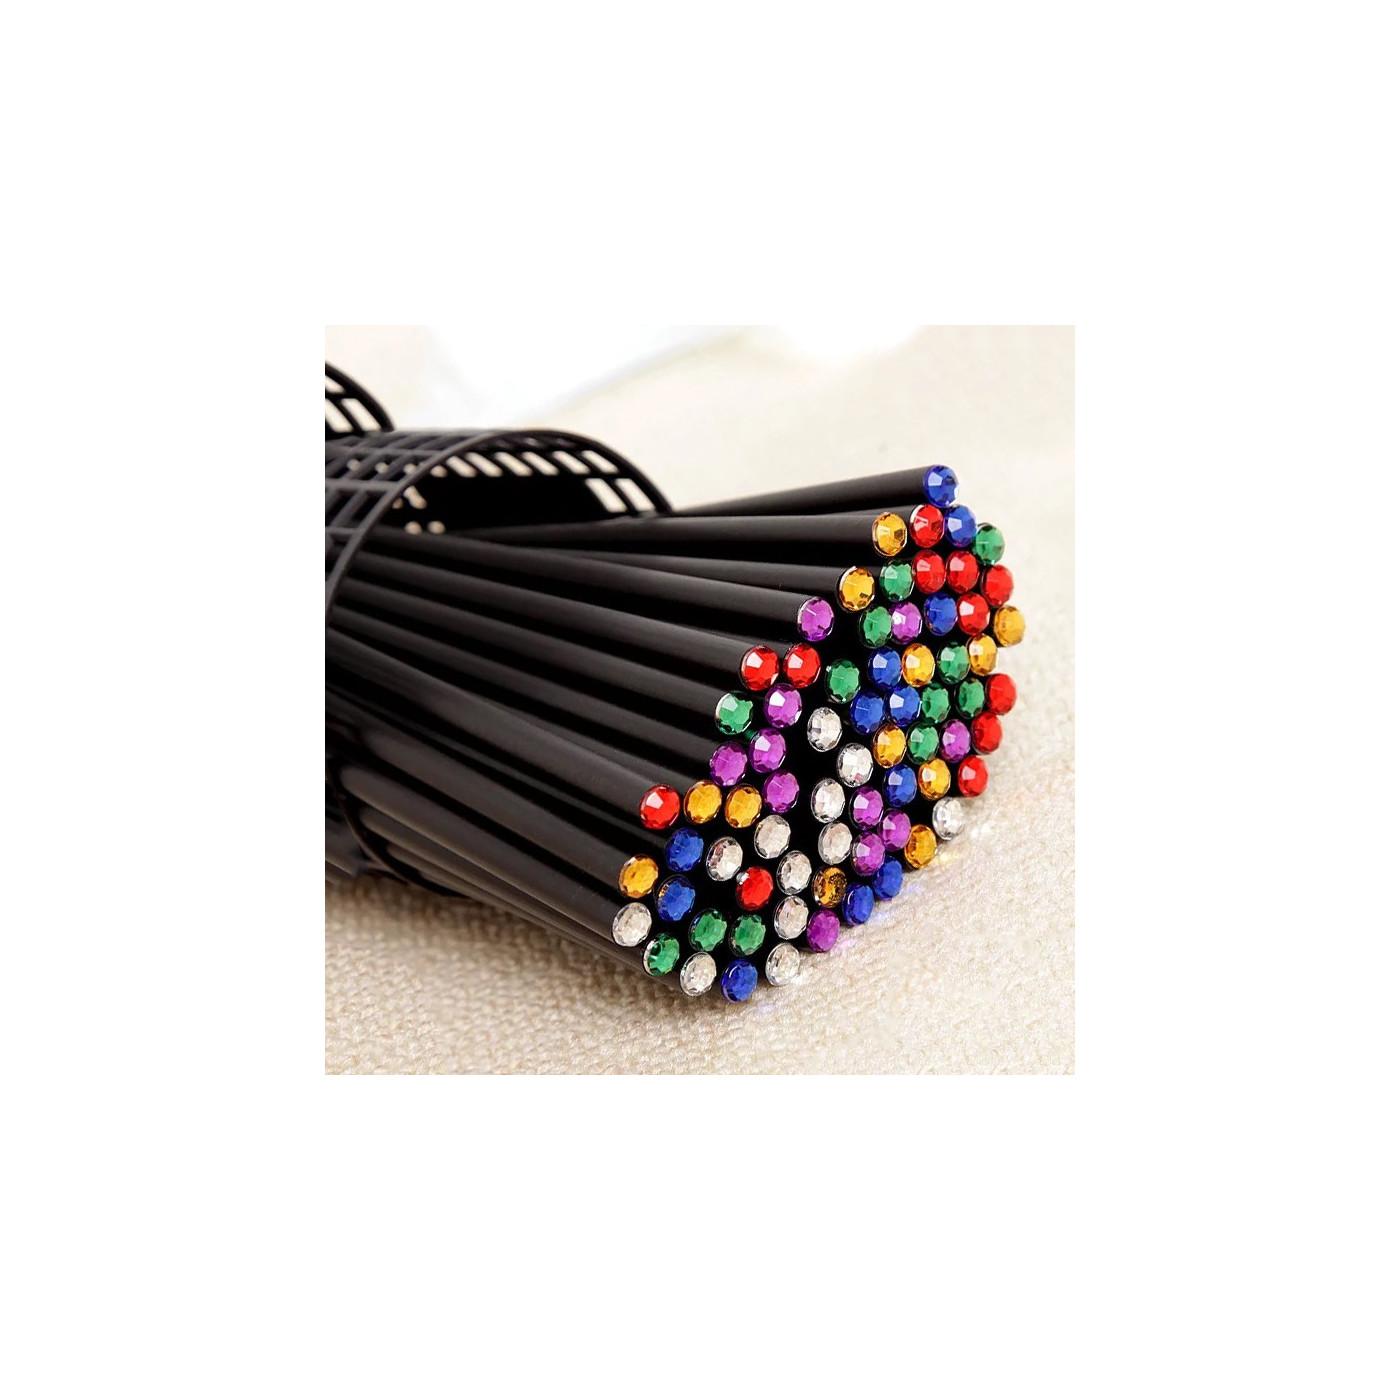 Zestaw 40 czarnych drewnianych ołówków z diamentem  - 1